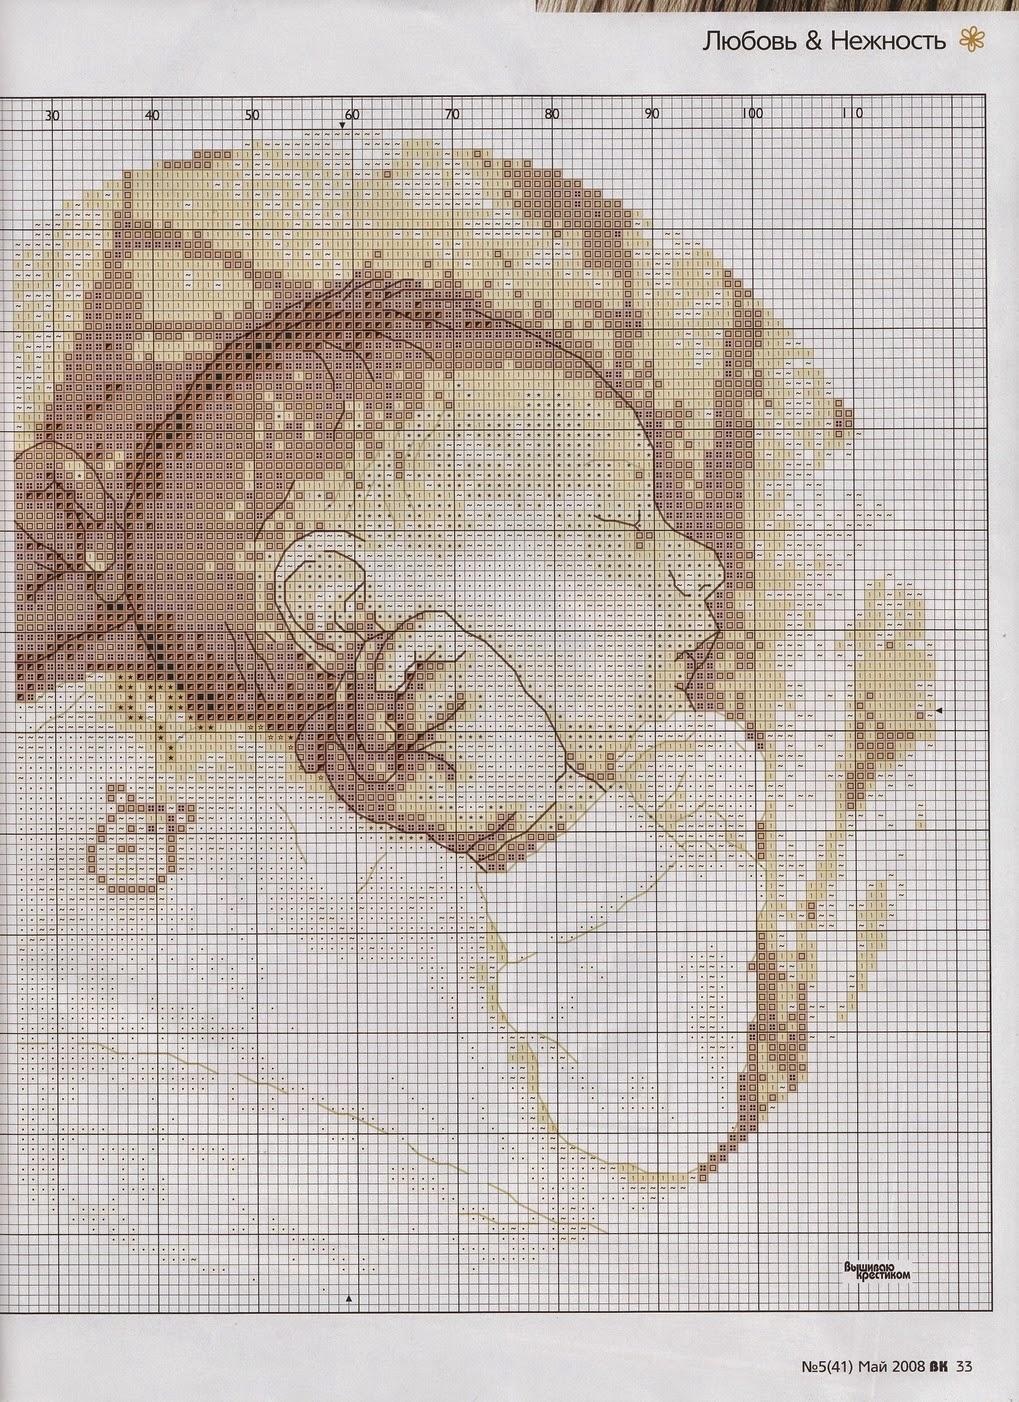 Hobby lavori femminili  ricamo  uncinetto  maglia schema punto croce neonato